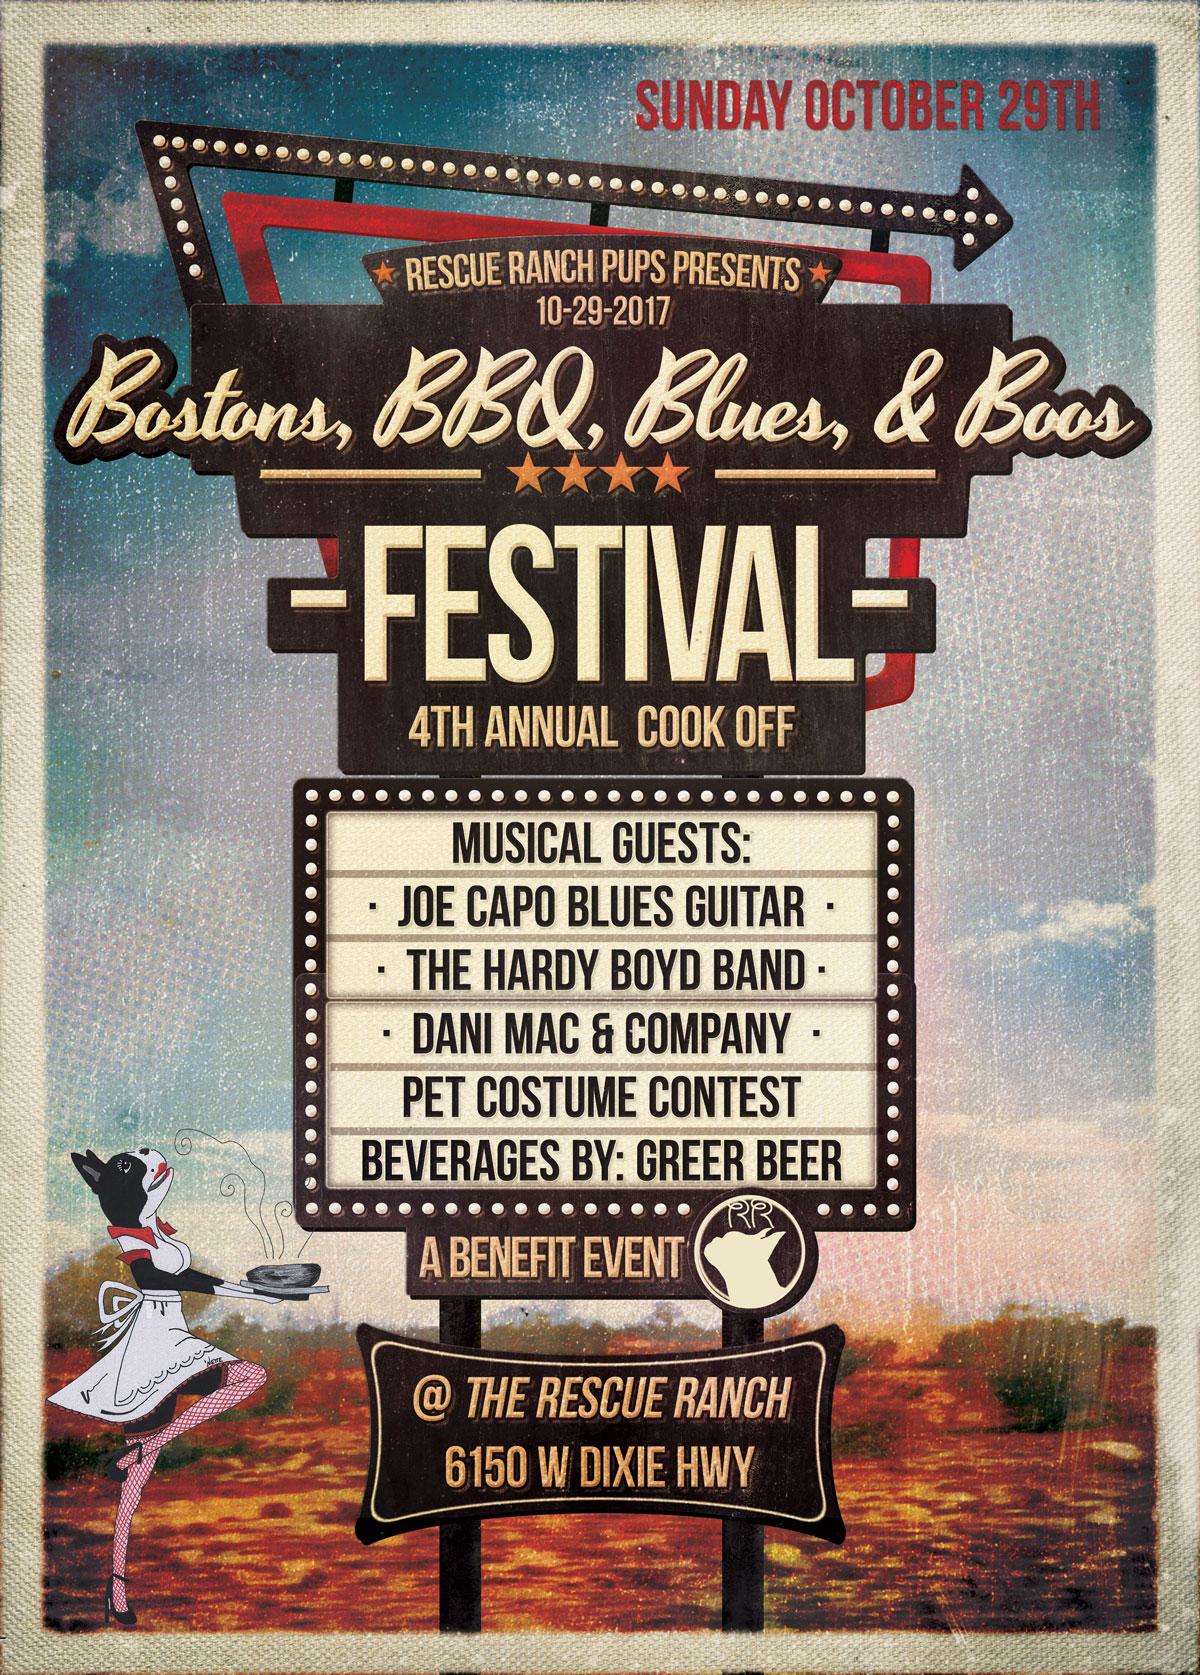 2017 Bostons, BBQ, Blues, & Boos Festival